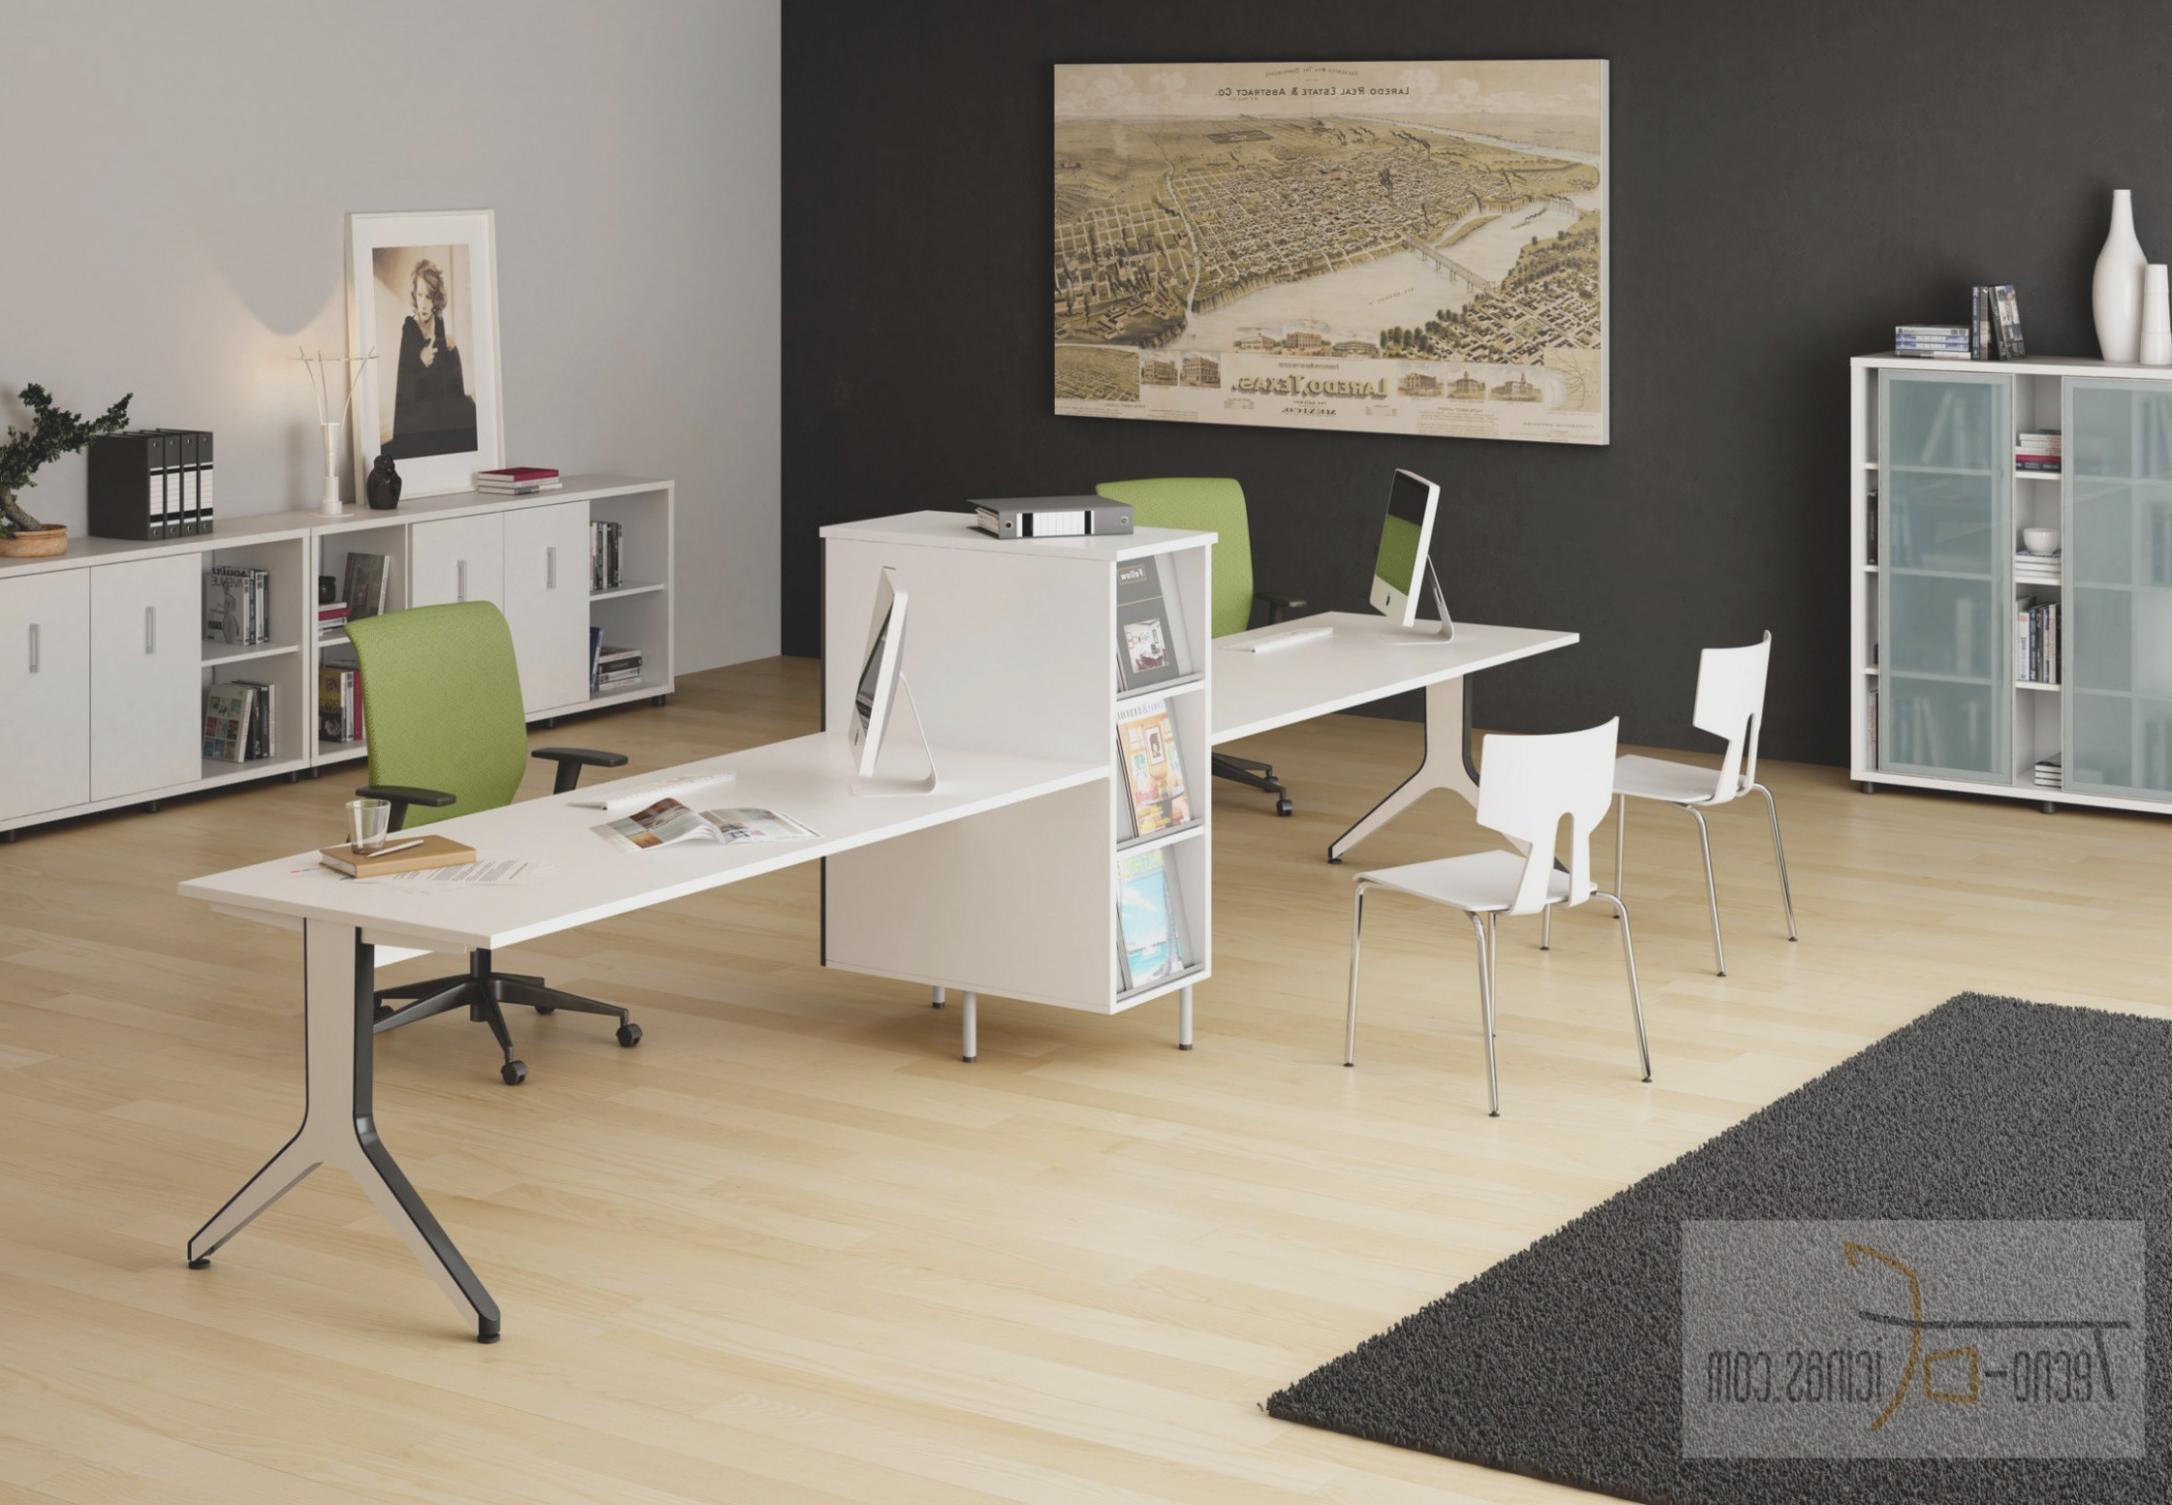 Mobiliario De Oficina Segunda Mano Ipdd Por Quà Es Tan Famoso Muebles Oficina Segunda Mano Barcelona